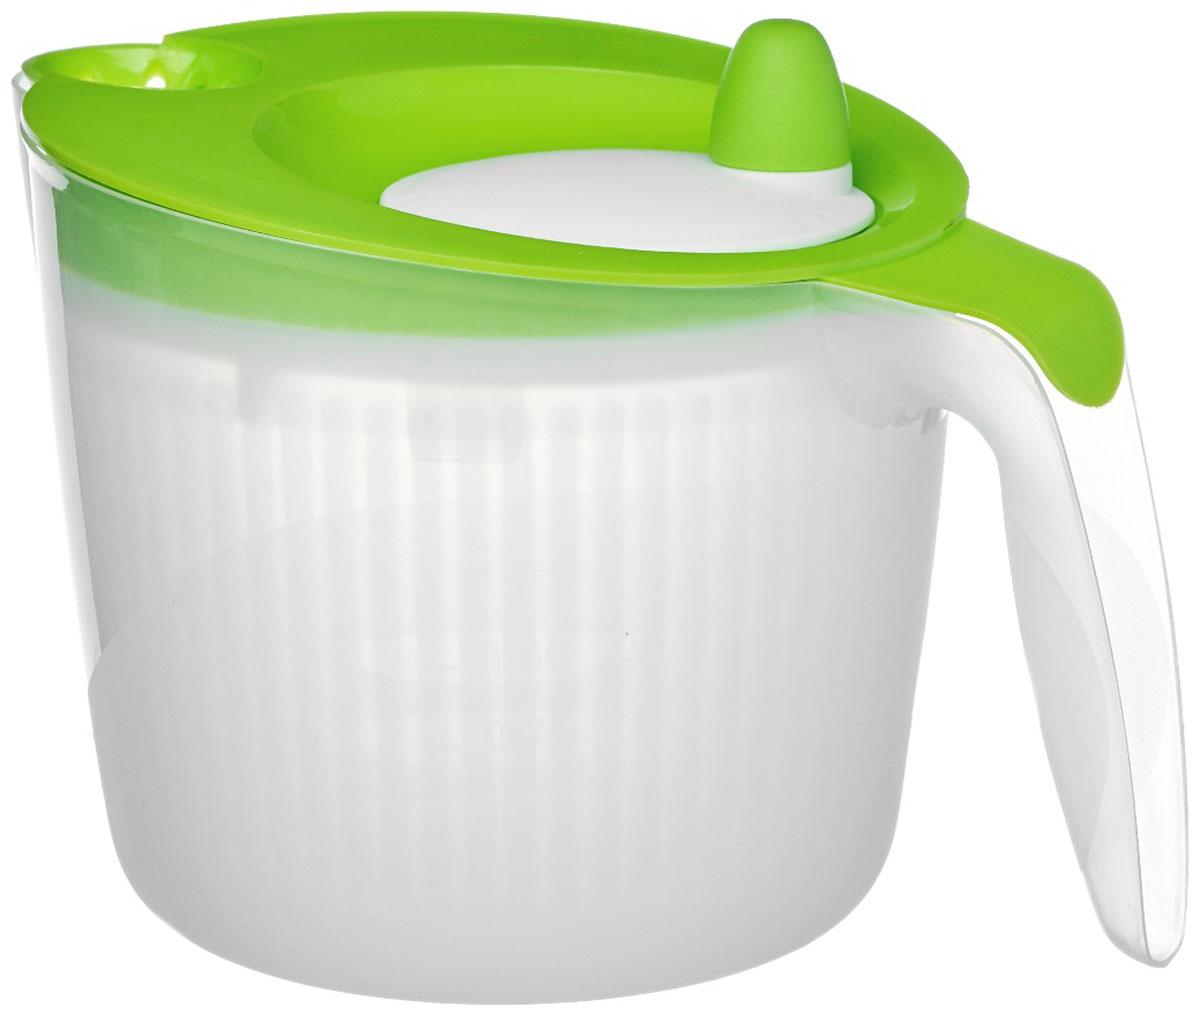 Сушилка для салата Walmer Rainbow, цвет: салатовый, 1,8 лW26010018_салатовыйСушилка для салата Walmer Rainbow - незаменимая вещь на кухне. Обсушивать в ней можно, конечно же, не только салат, но любую зелень: петрушку, укроп, перья лука, рукколу. Объем сушилки - 1,8 литра, а значит, вы сможете высушить за раз большой пучок зелени. Внутри сушилки находится вращающаяся сетчатая емкость. На крышке - ручка, которая эту емкость раскручивает. Положите зелень в сушилку, закройте крышку и прокрутите несколько раз ручку. Центрифуга внутри раскрутится и буквально стряхнет всю влагу с зелени.Сушилка для салата Walmer Rainbow непременно понравится каждой хозяйке.